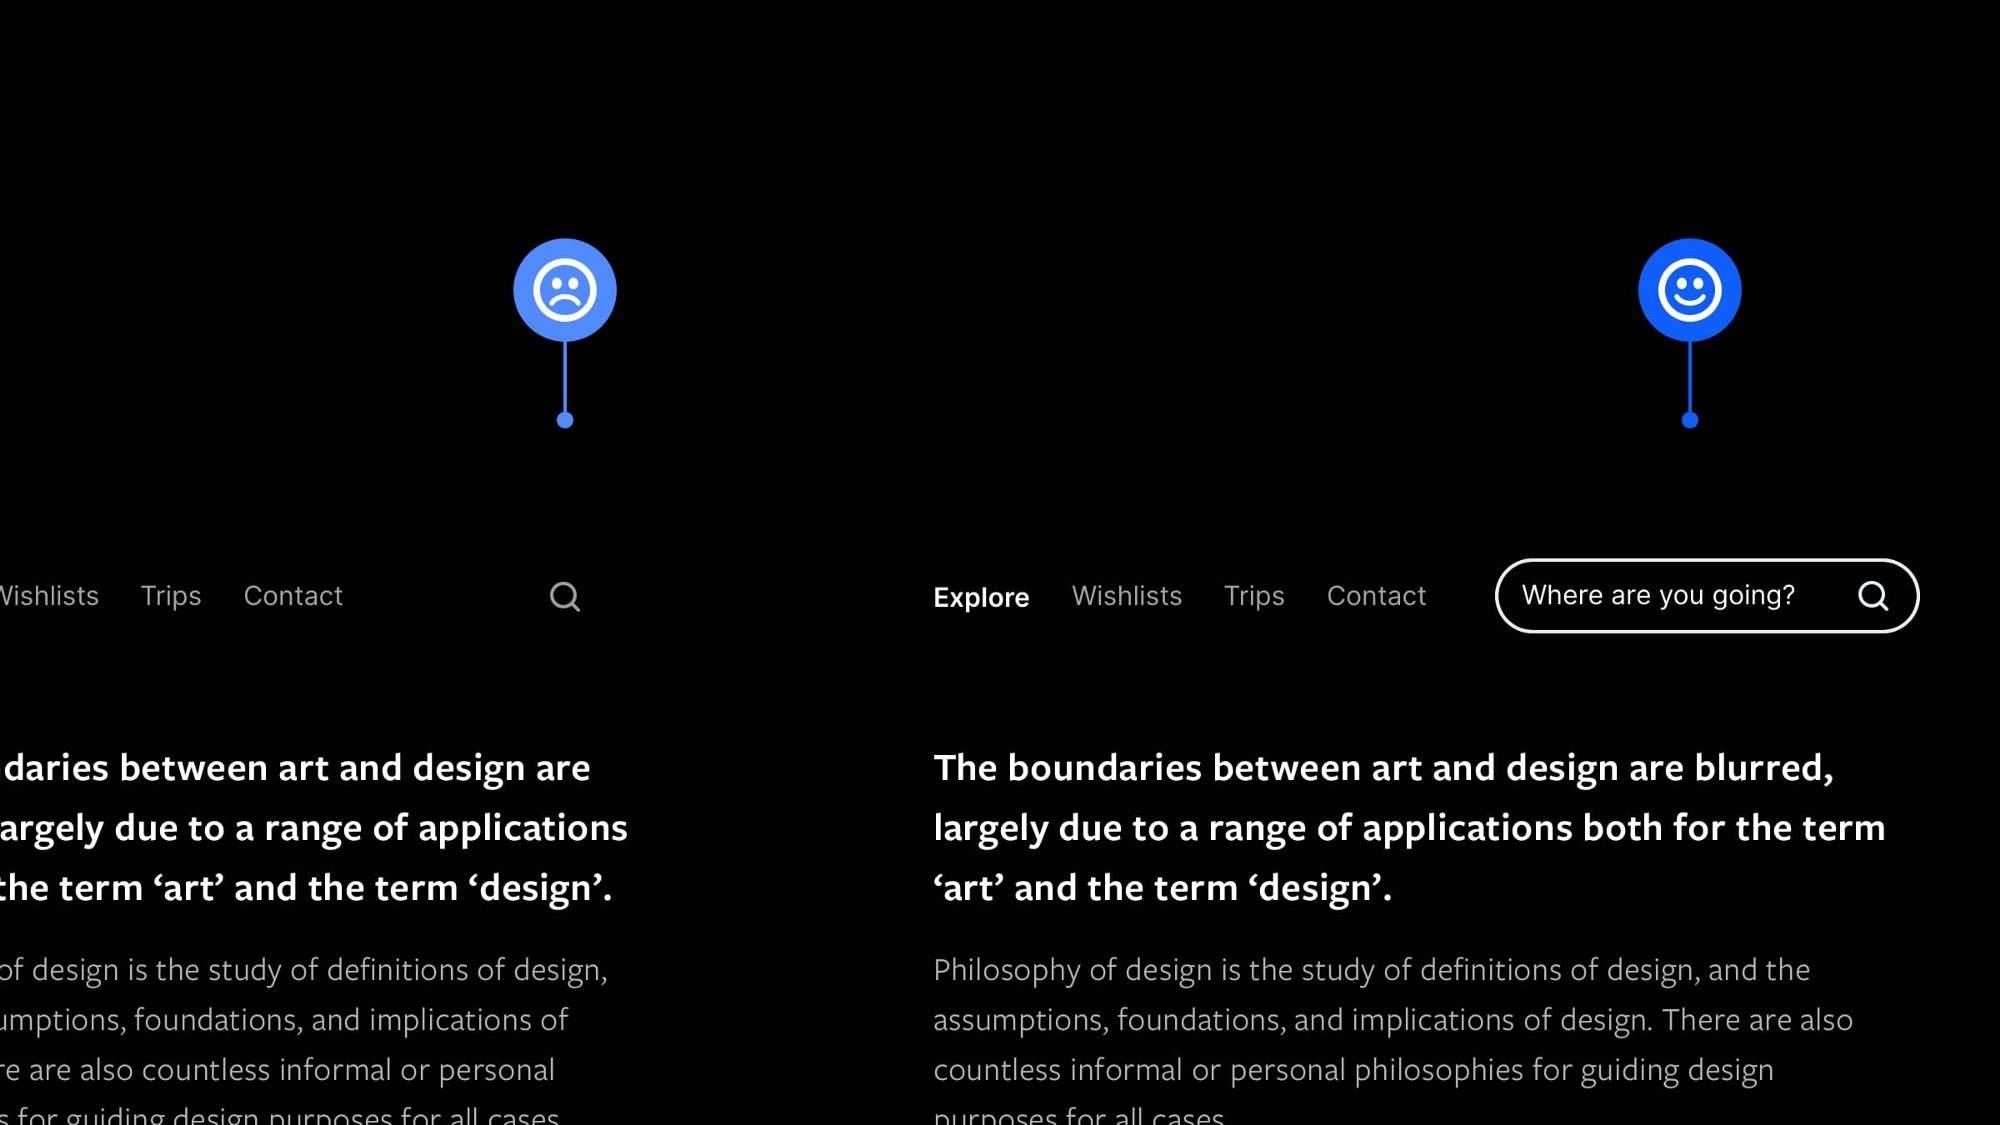 人人都可以是设计师:UI & UX 小技巧大全 (六)插图(5)